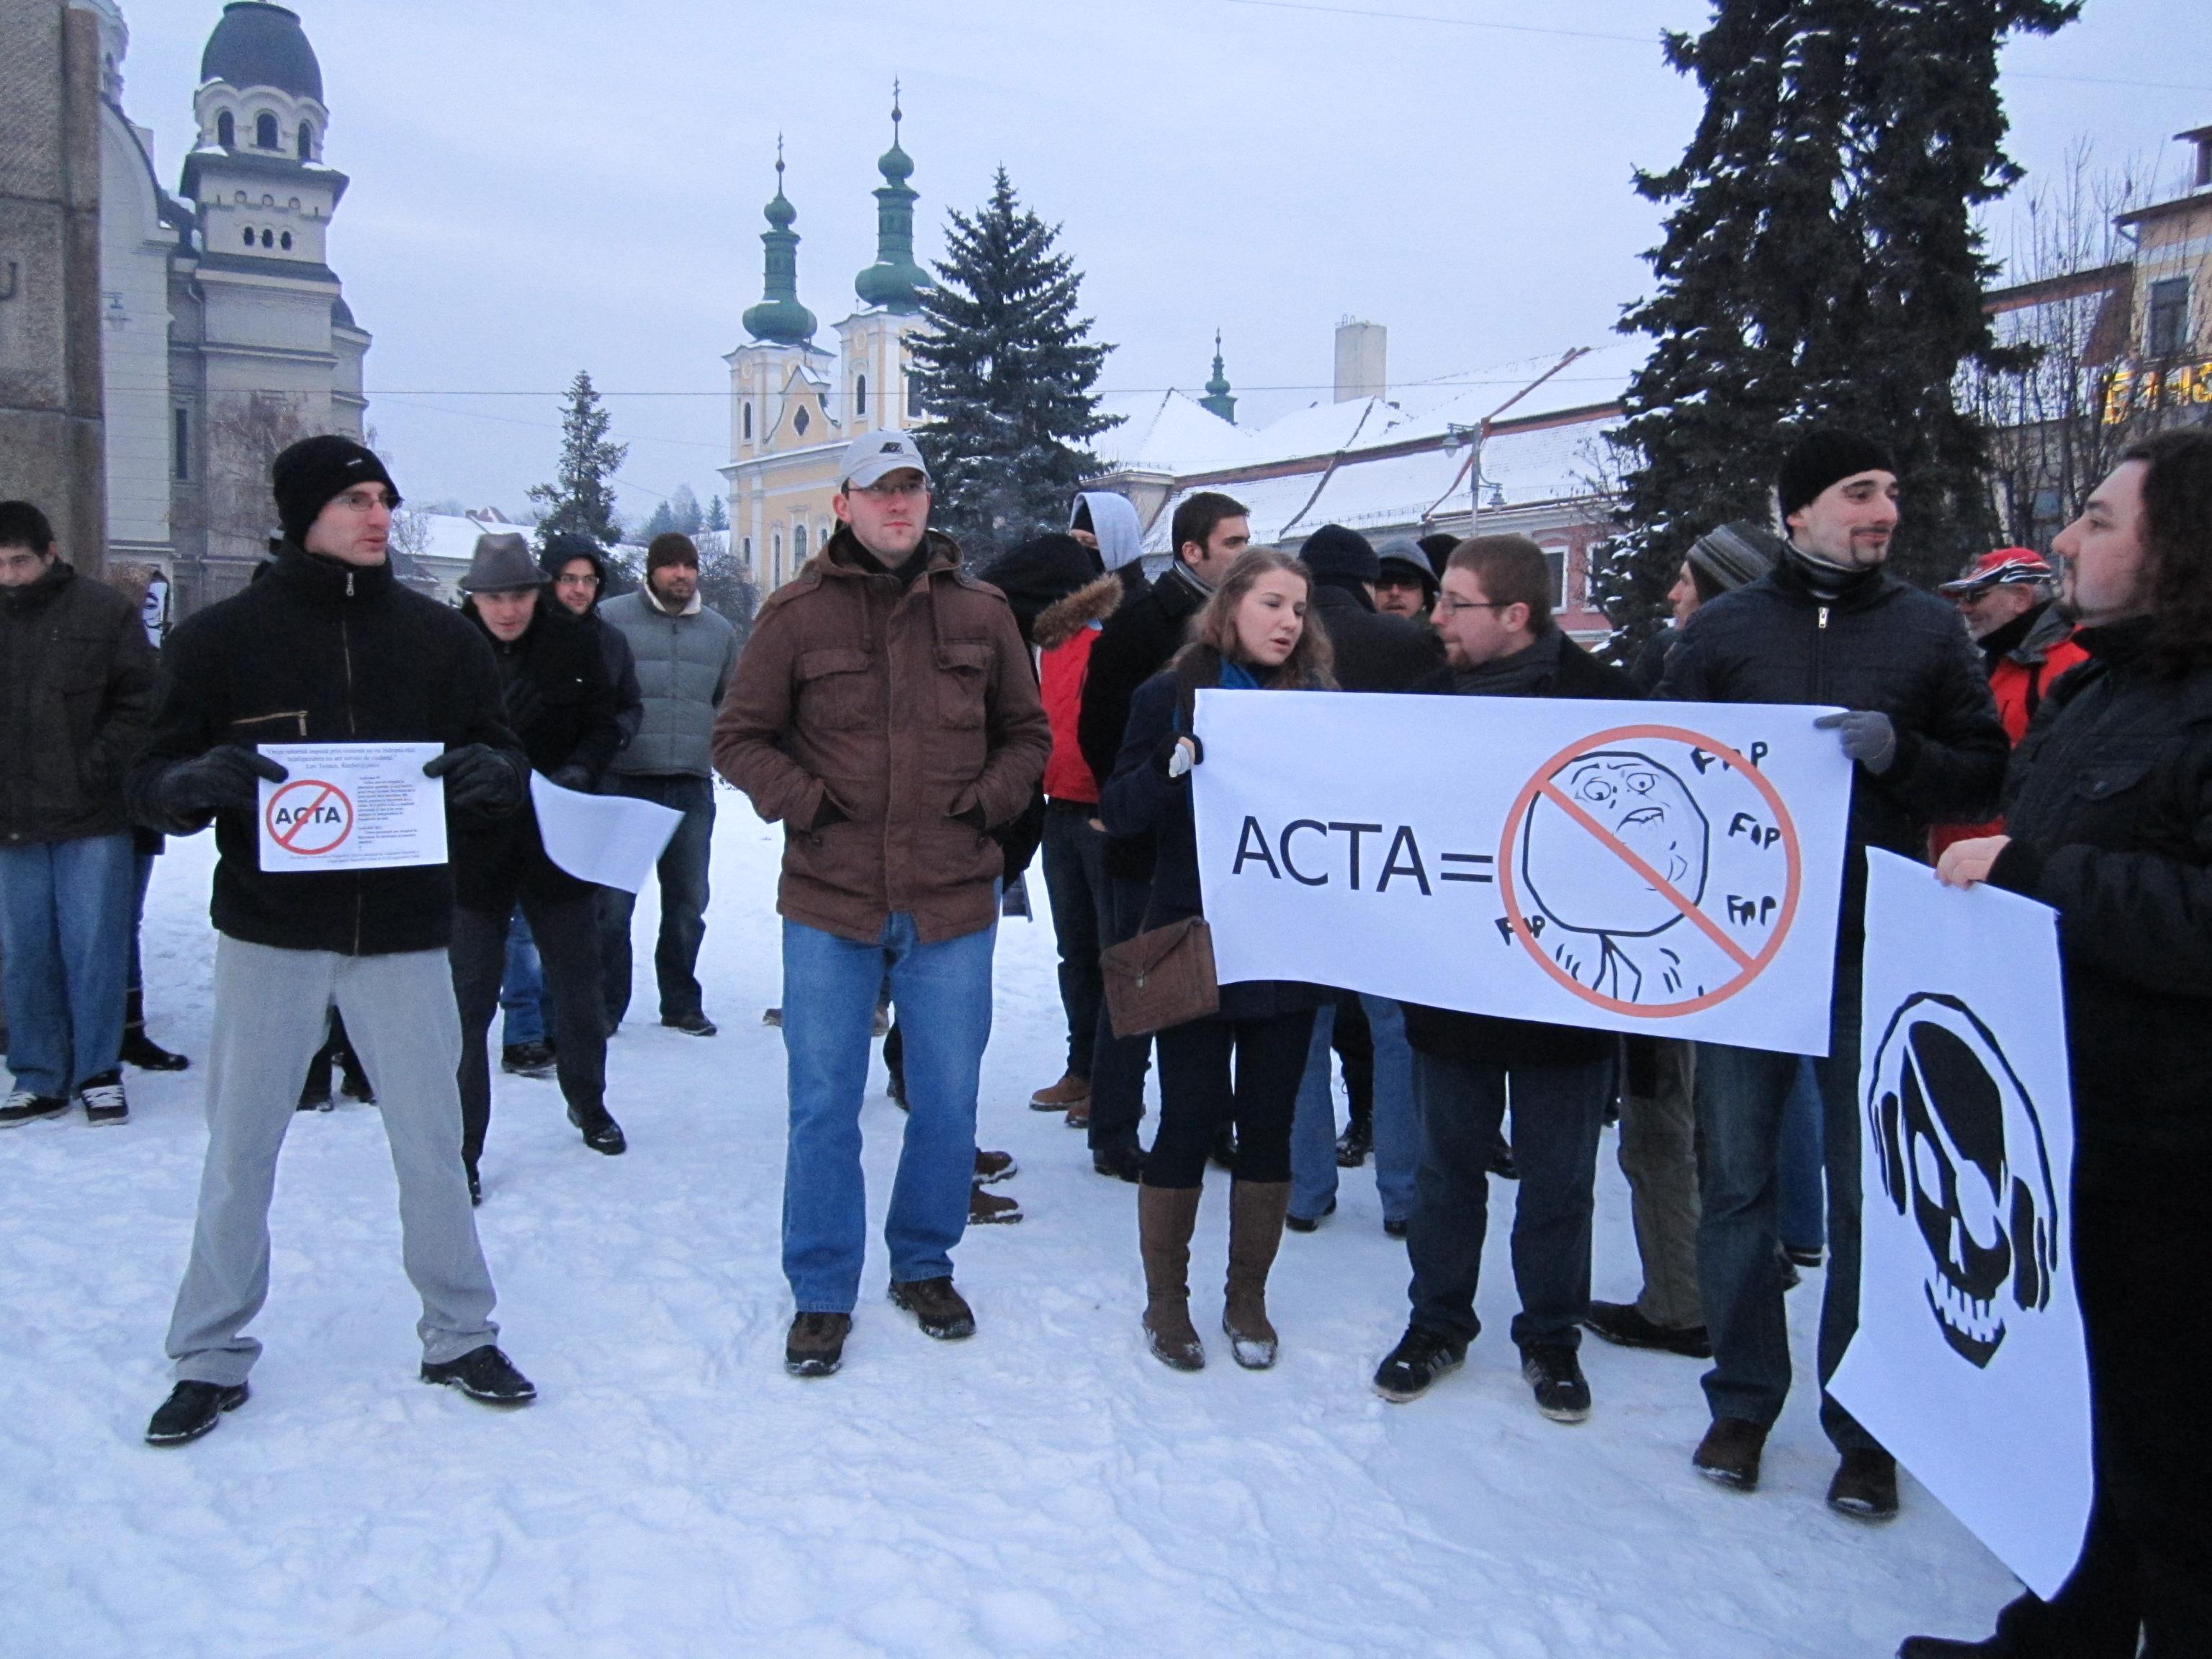 Câteva zeci de tîrgumureşeni s-au alăturat protestelor anti ACTA